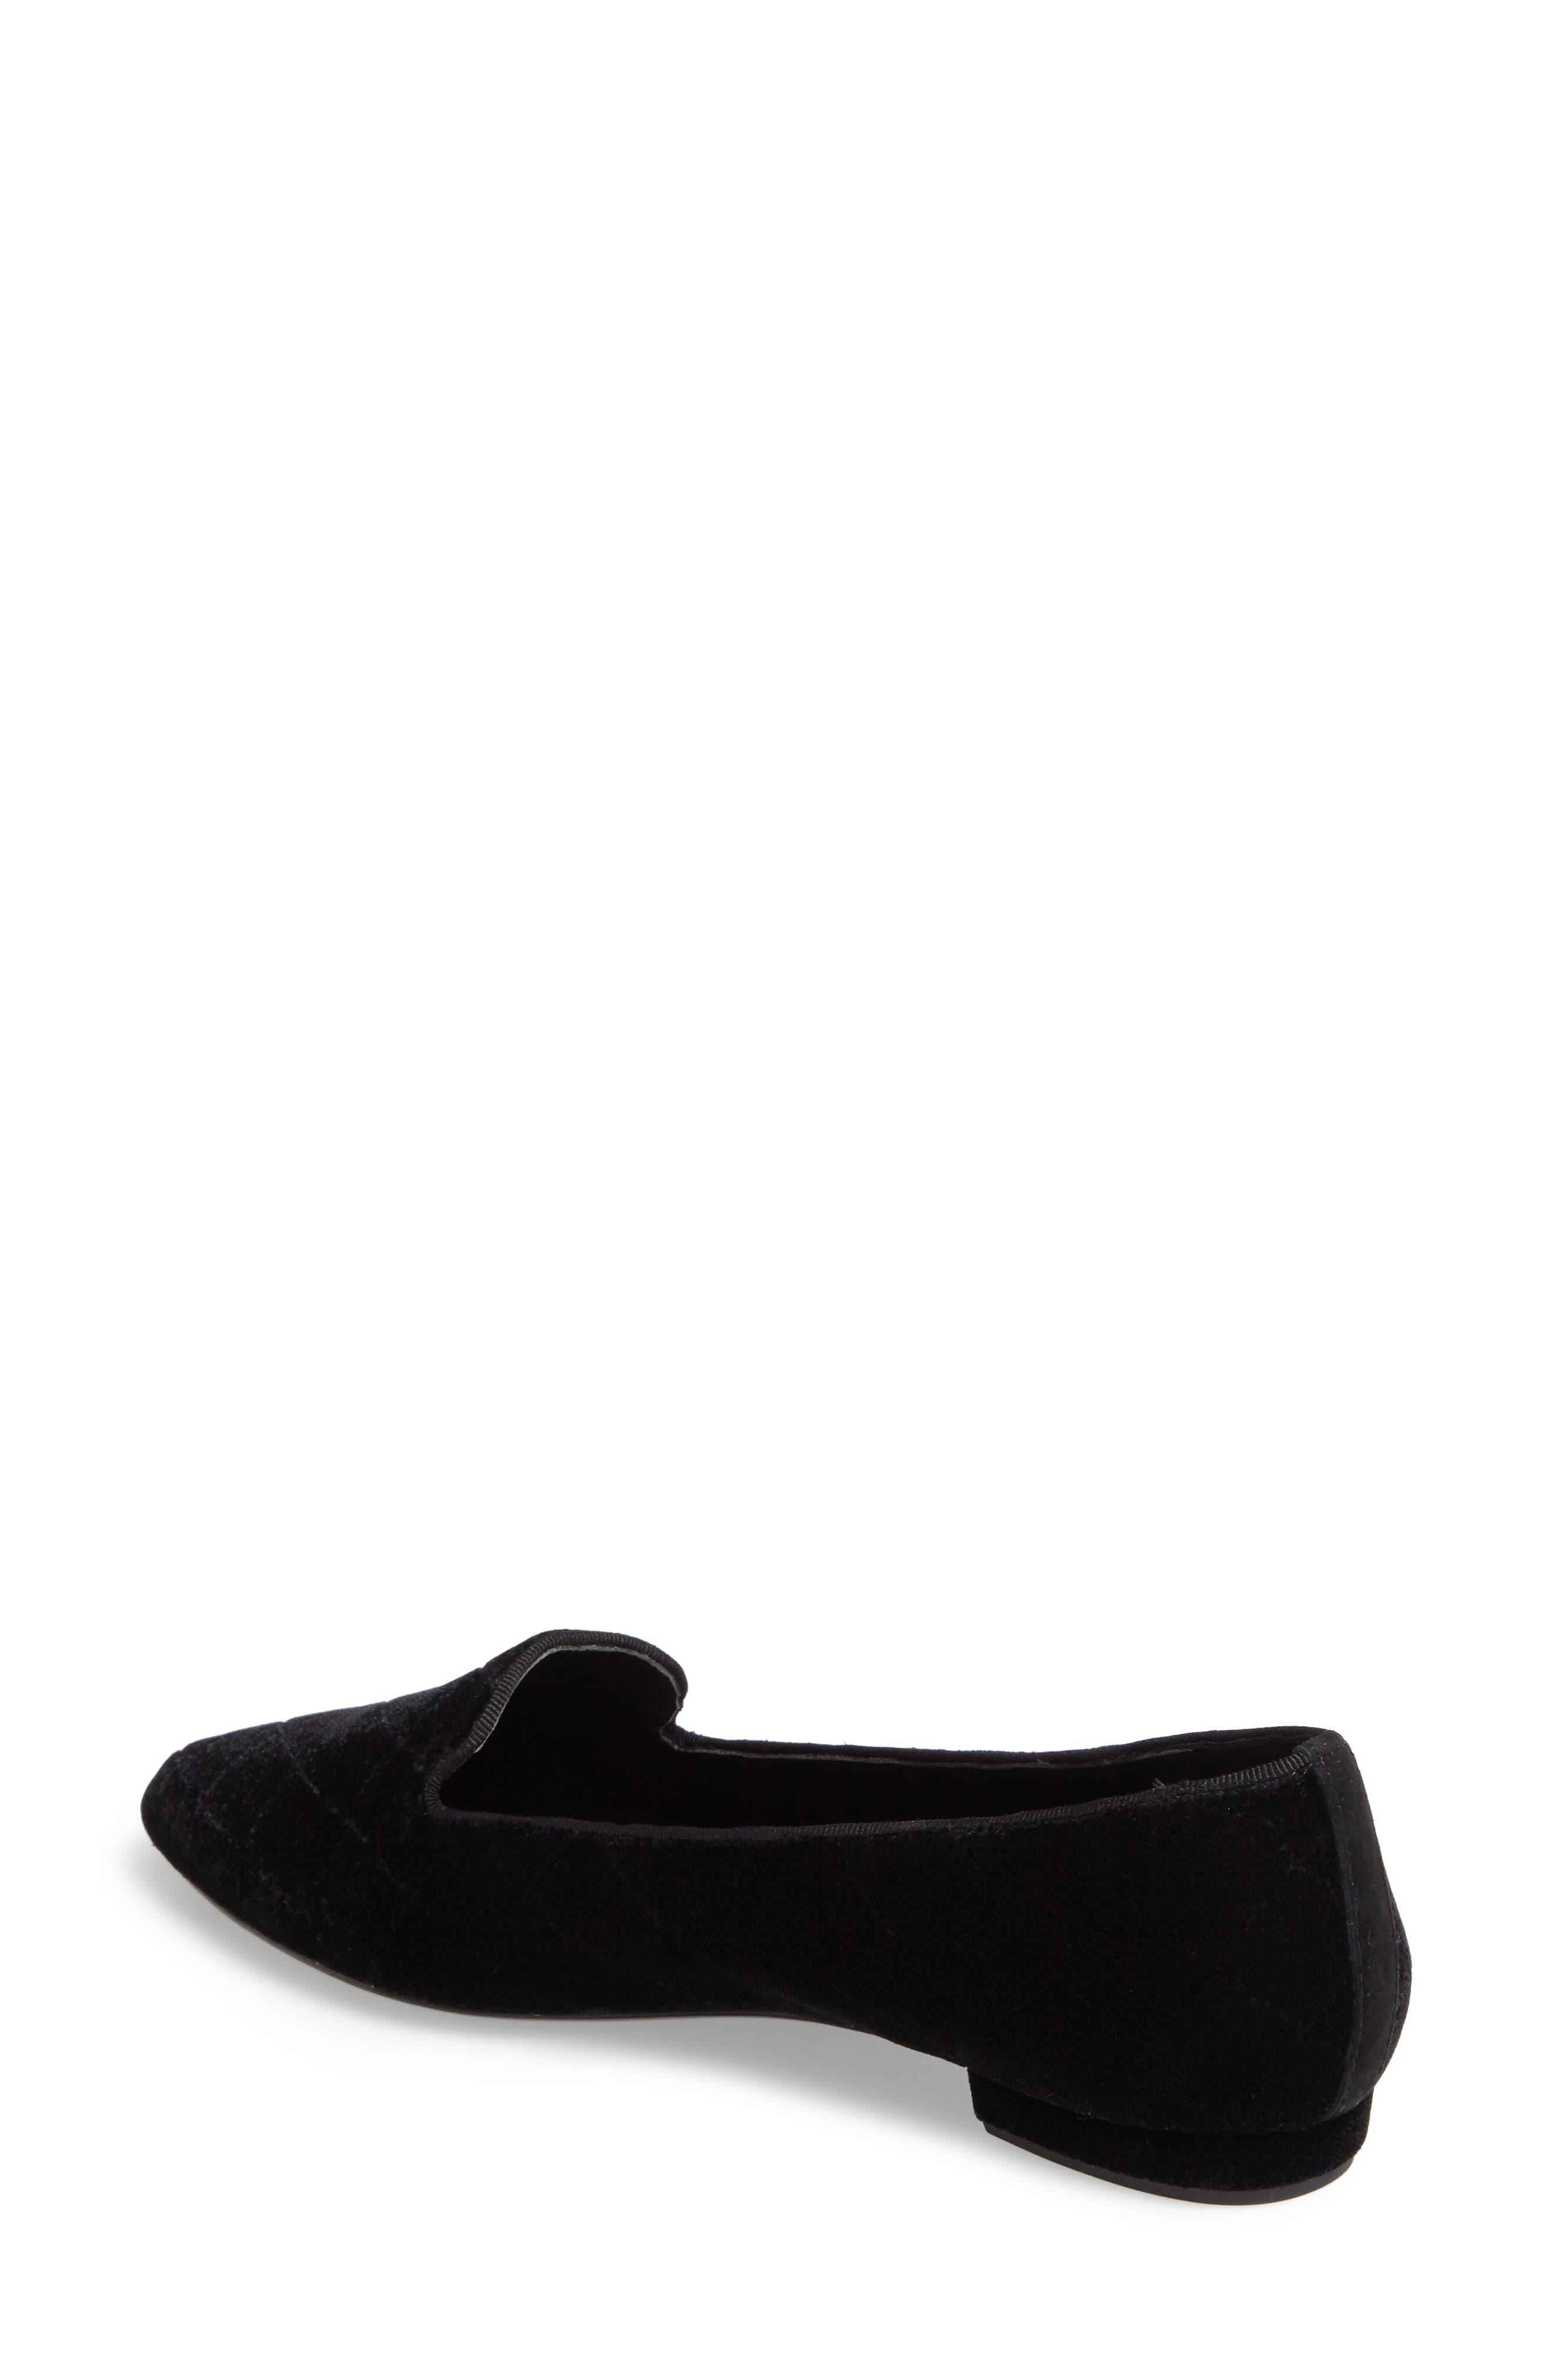 Gannie Diamond Pattern Loafer,                             Alternate thumbnail 2, color,                             Black Velvet Fabric